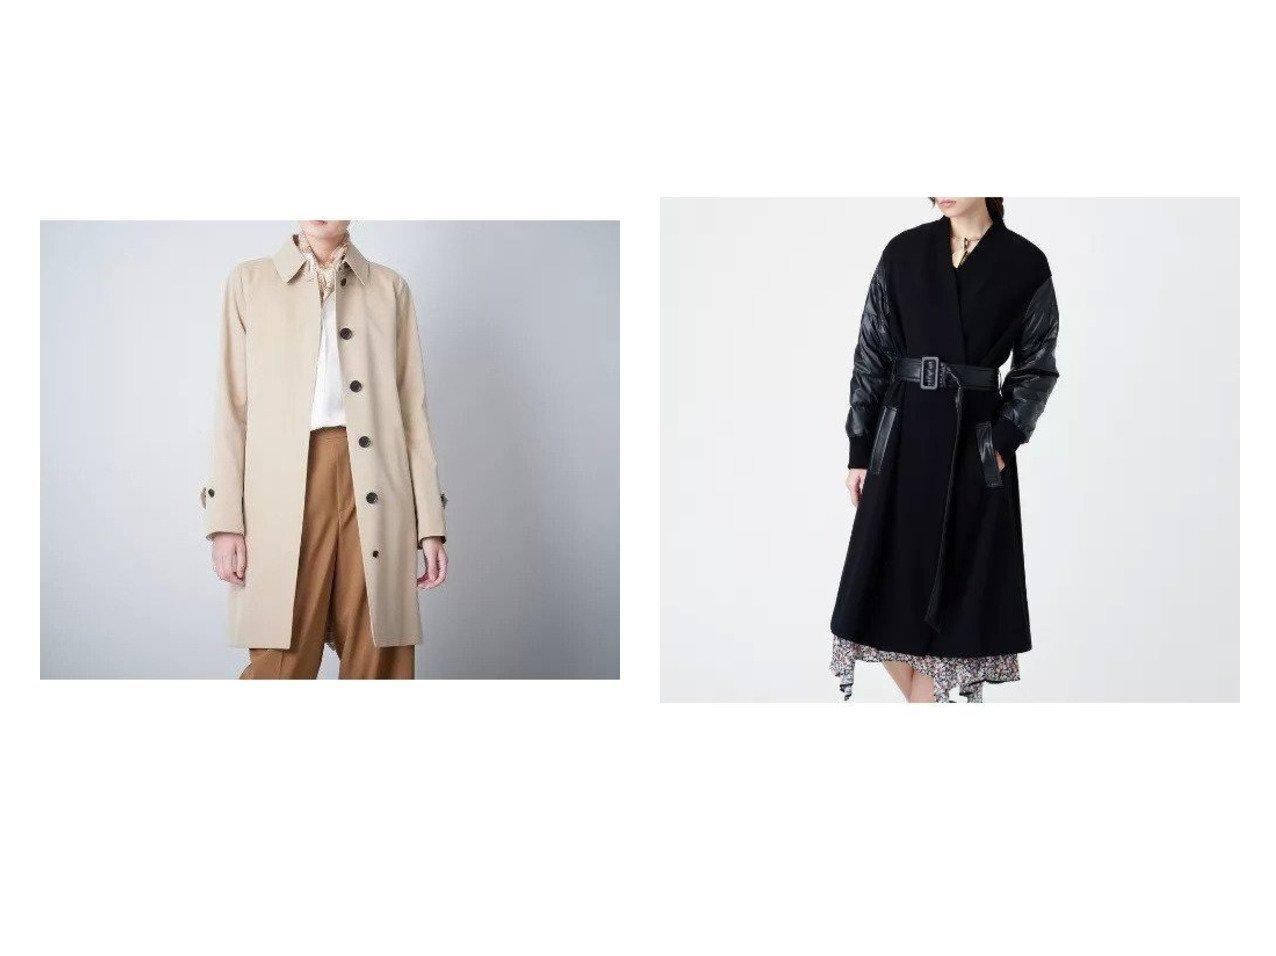 【SANYO/サンヨー】のバルマカーンコート&【EPOCA/エポカ】の【La maglia】ダウンドッキングニットコート アウターのおすすめ!人気、レディースファッションの通販 おすすめで人気のファッション通販商品 インテリア・家具・キッズファッション・メンズファッション・レディースファッション・服の通販 founy(ファニー) https://founy.com/ ファッション Fashion レディース WOMEN アウター Coat Outerwear コート Coats エレガント カフス スタンダード フラップ フロント ポケット ライナー リバーシブル ループ ストレッチ ダウン ドッキング |ID:crp329100000001742